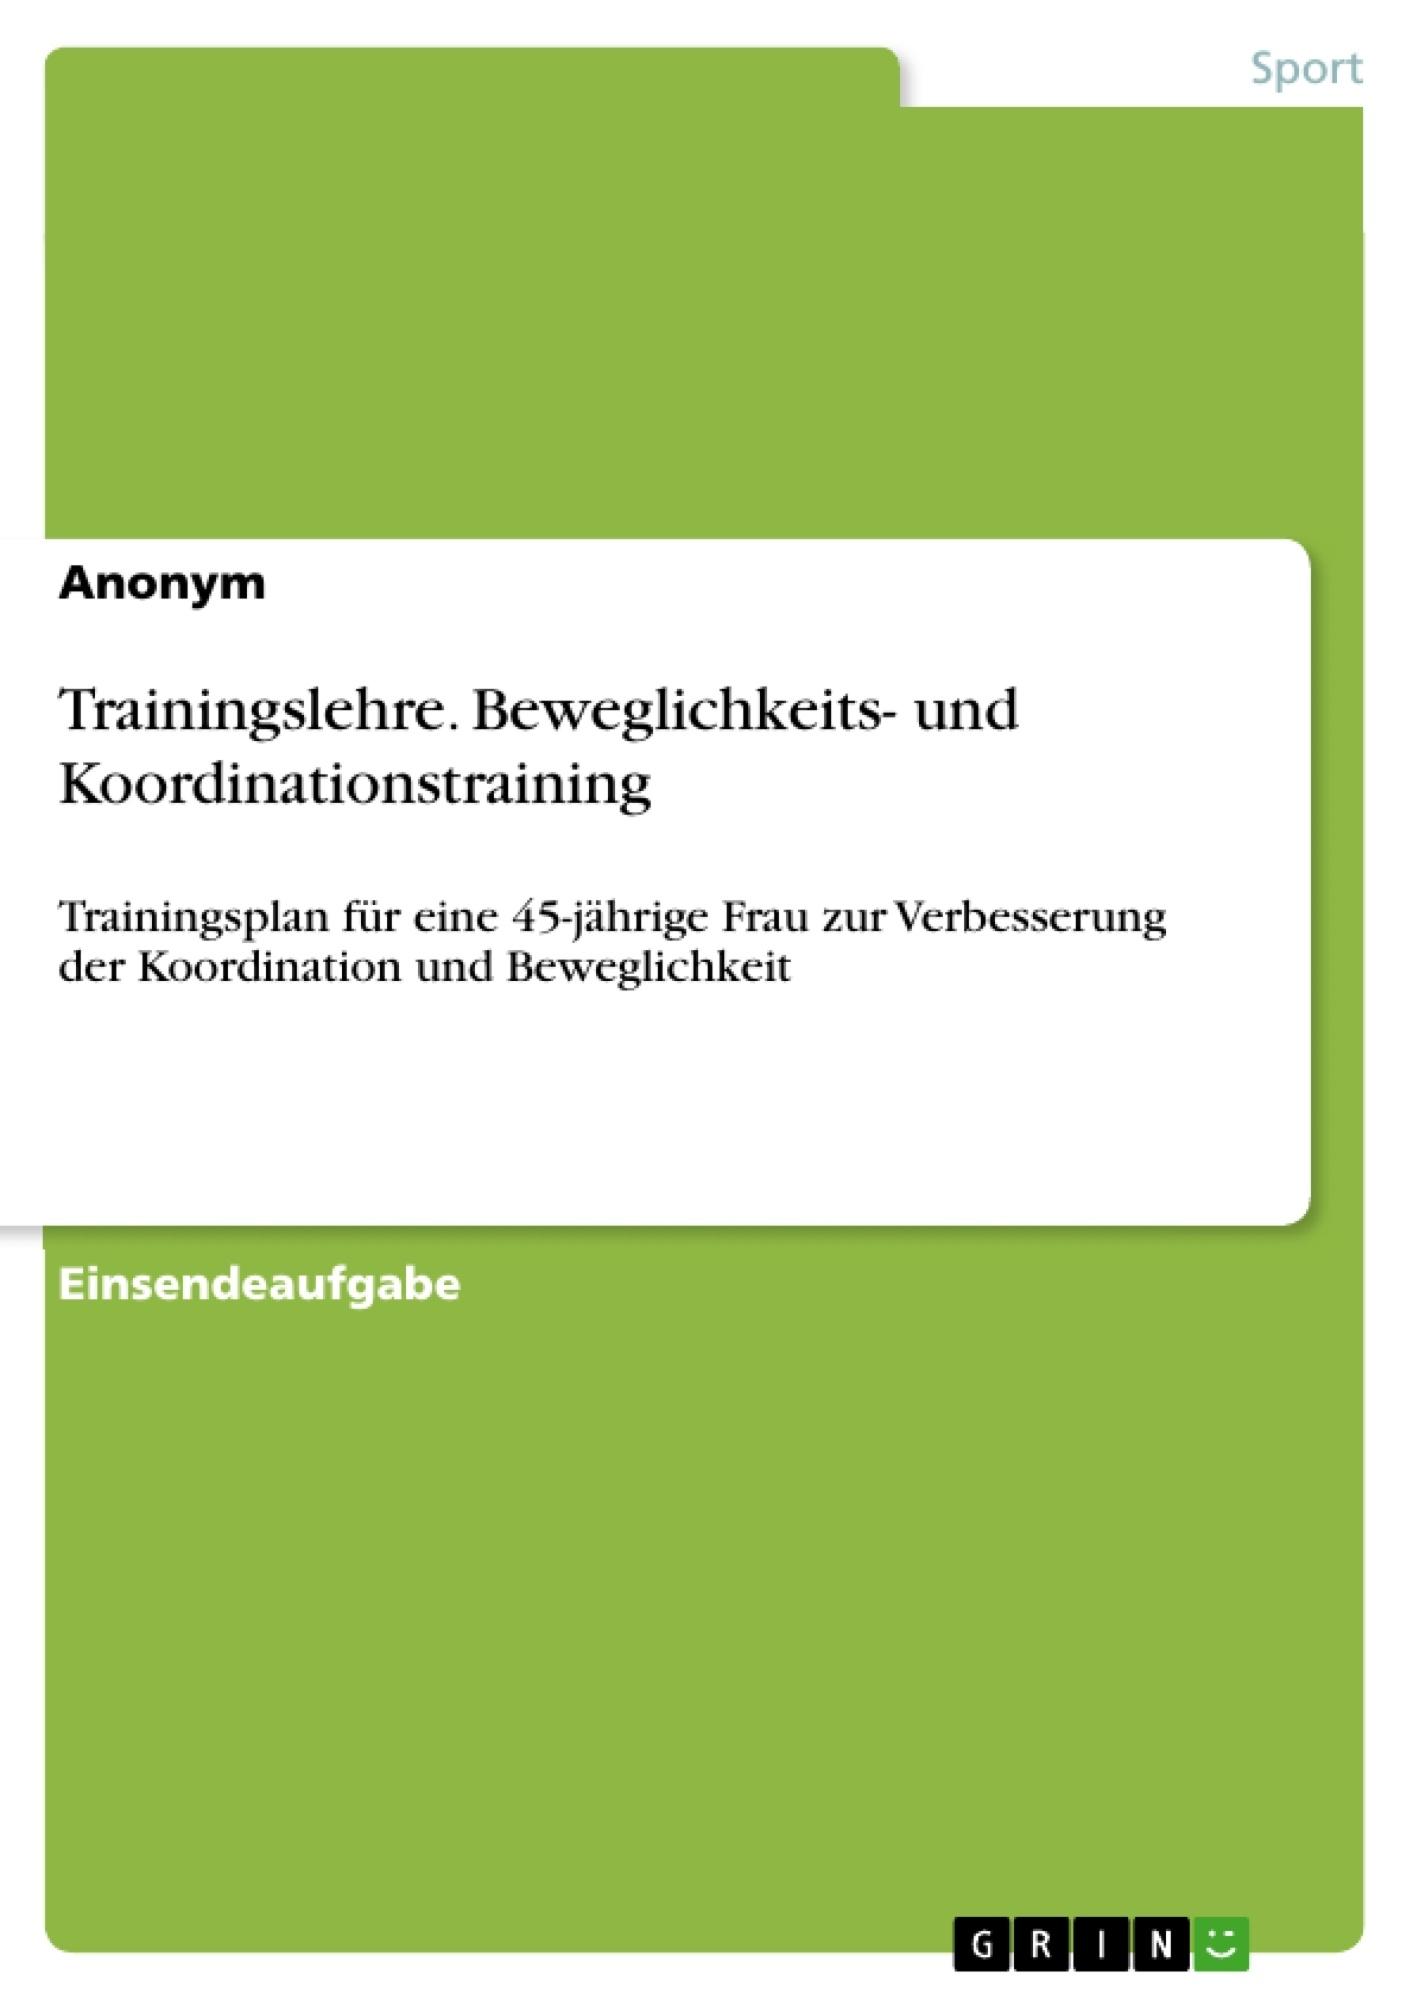 Titel: Trainingslehre. Beweglichkeits- und Koordinationstraining